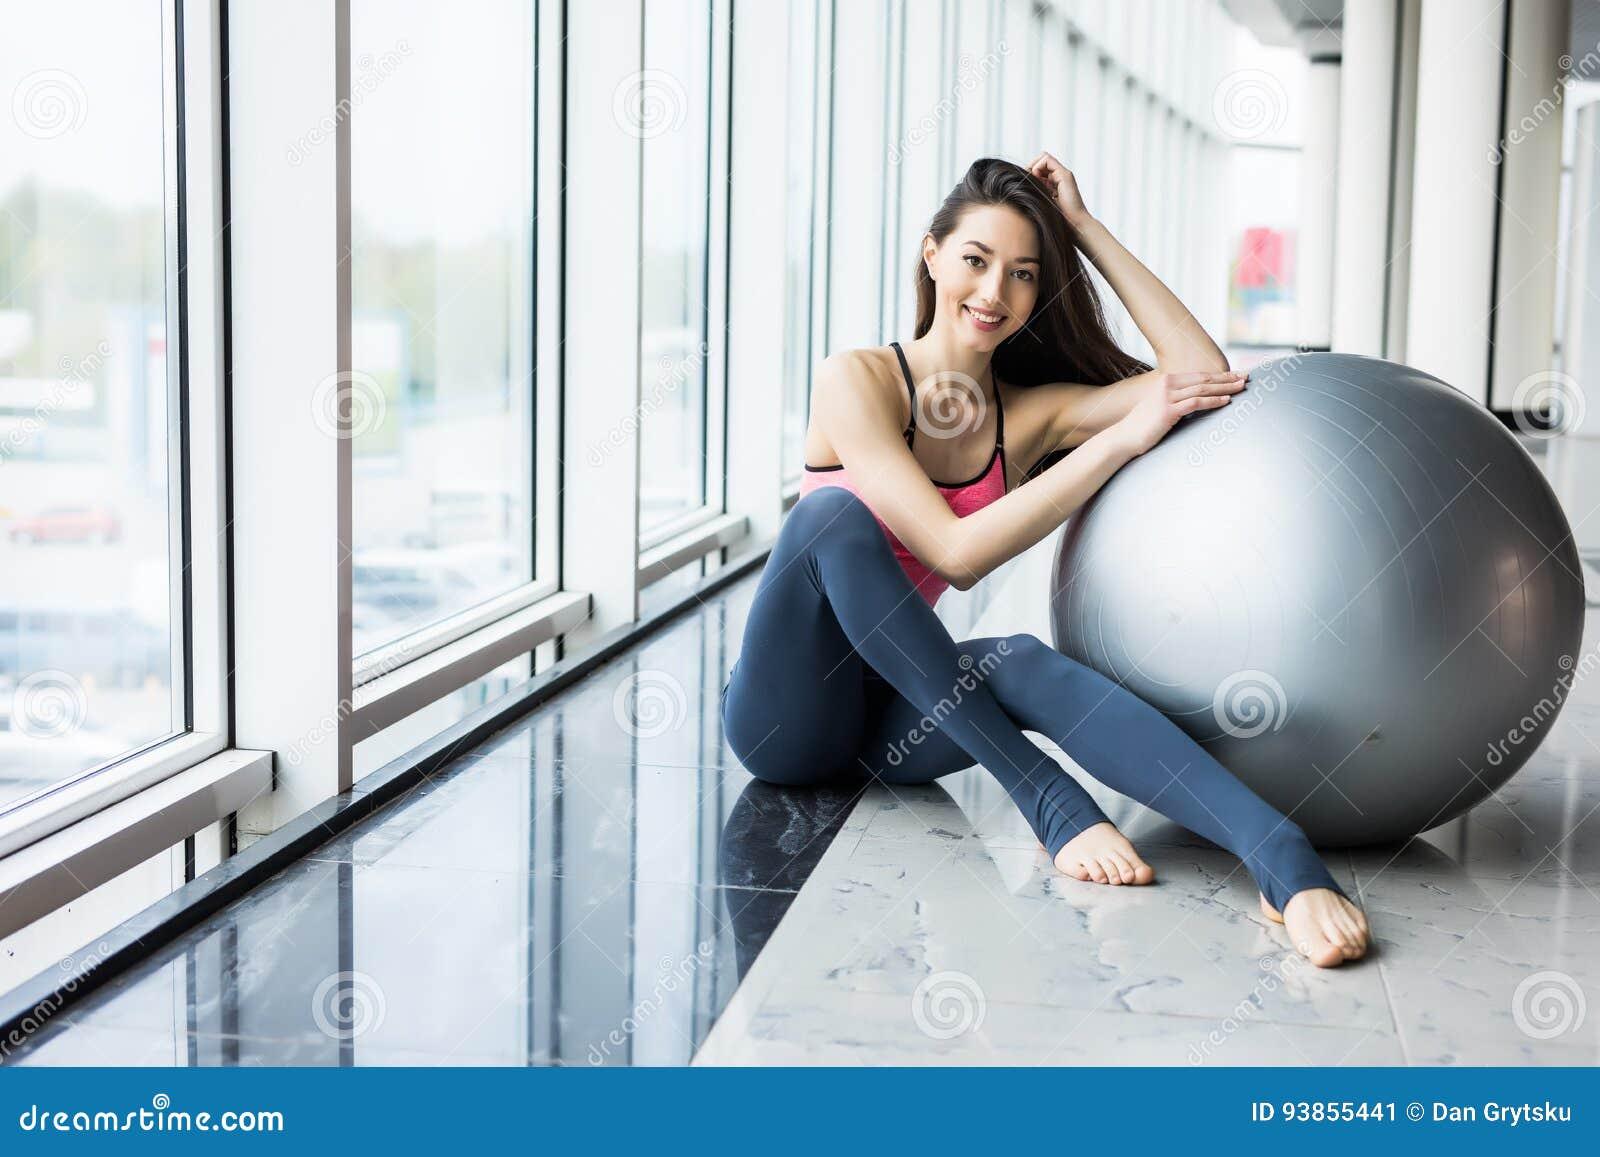 Γυναίκα που επιλύει με τη σφαίρα άσκησης στη γυμναστική Γυναίκα Pilates που κάνει τις ασκήσεις στο δωμάτιο γυμναστικής workout με